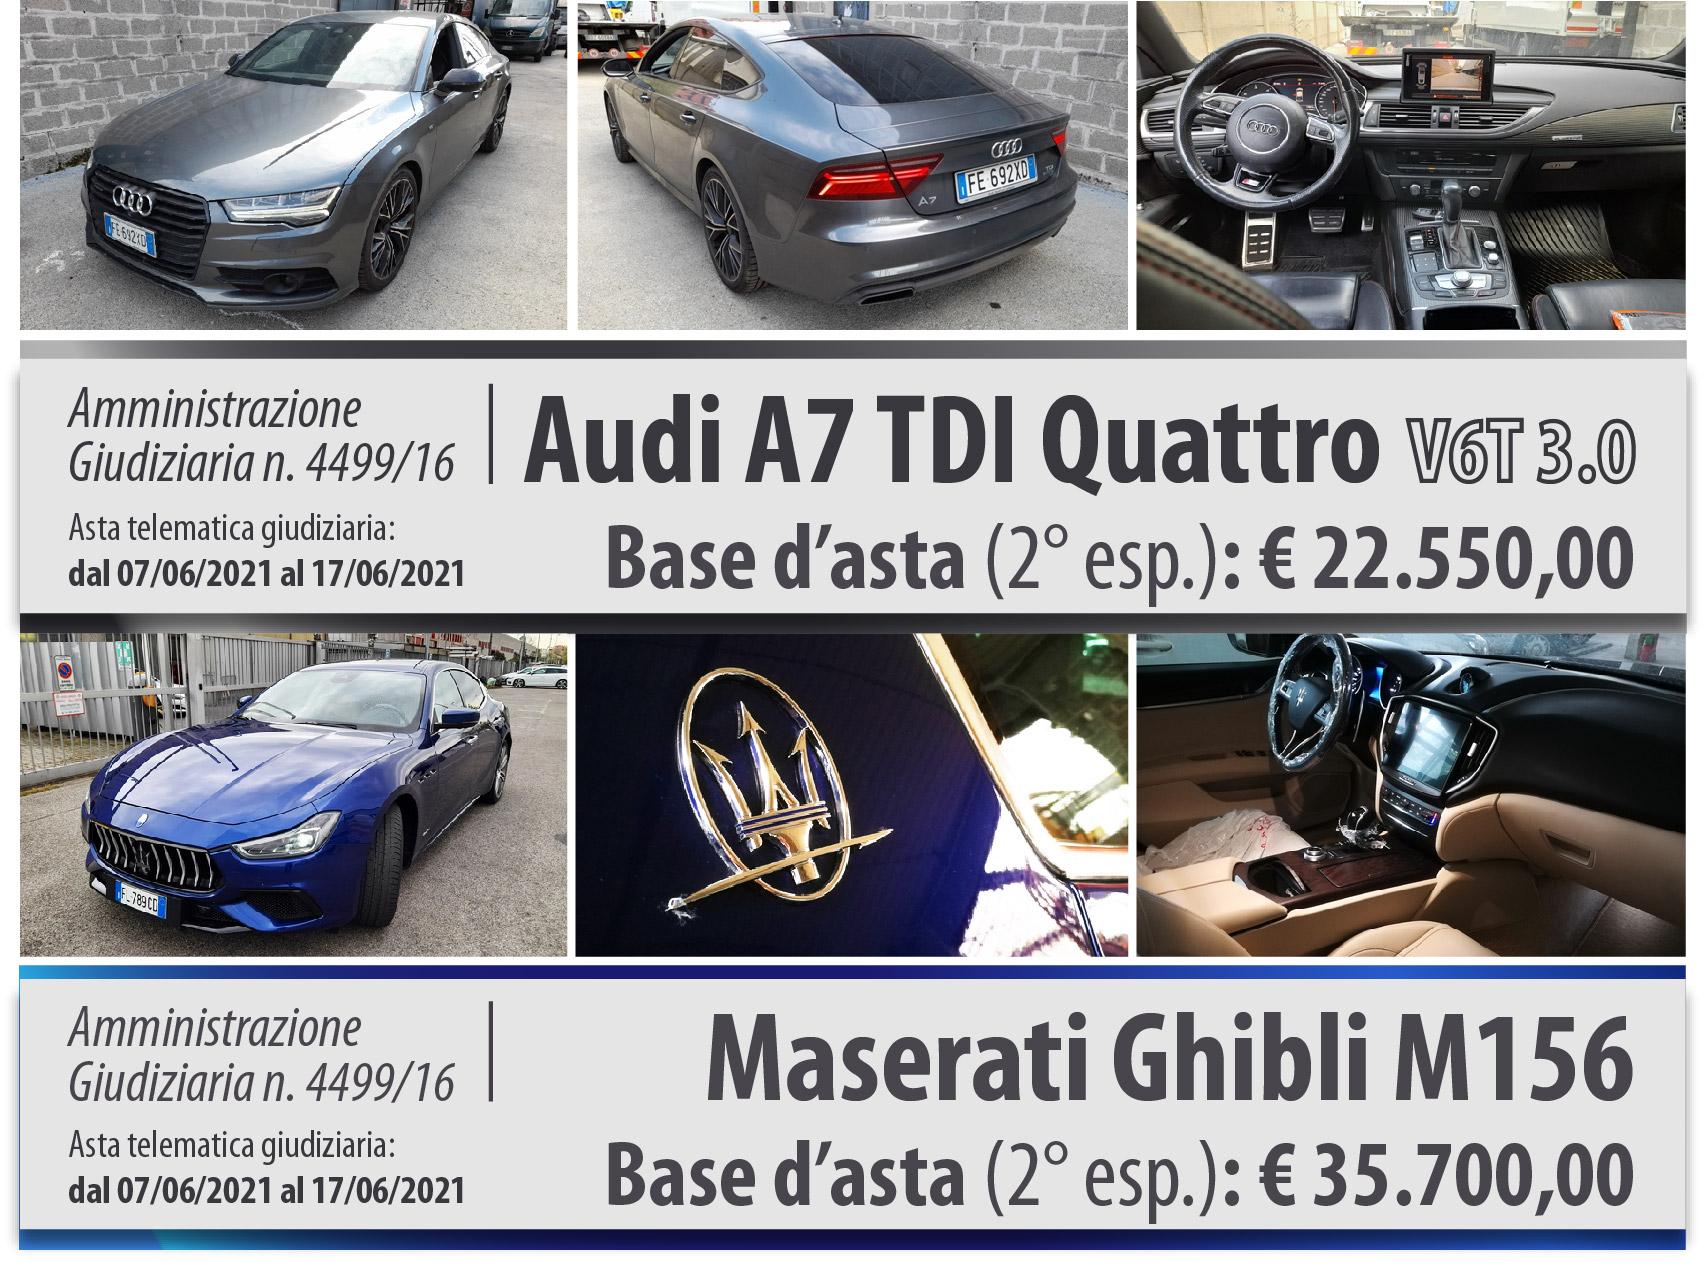 Pop up_Audi A7 e Maserati_190521.jpg